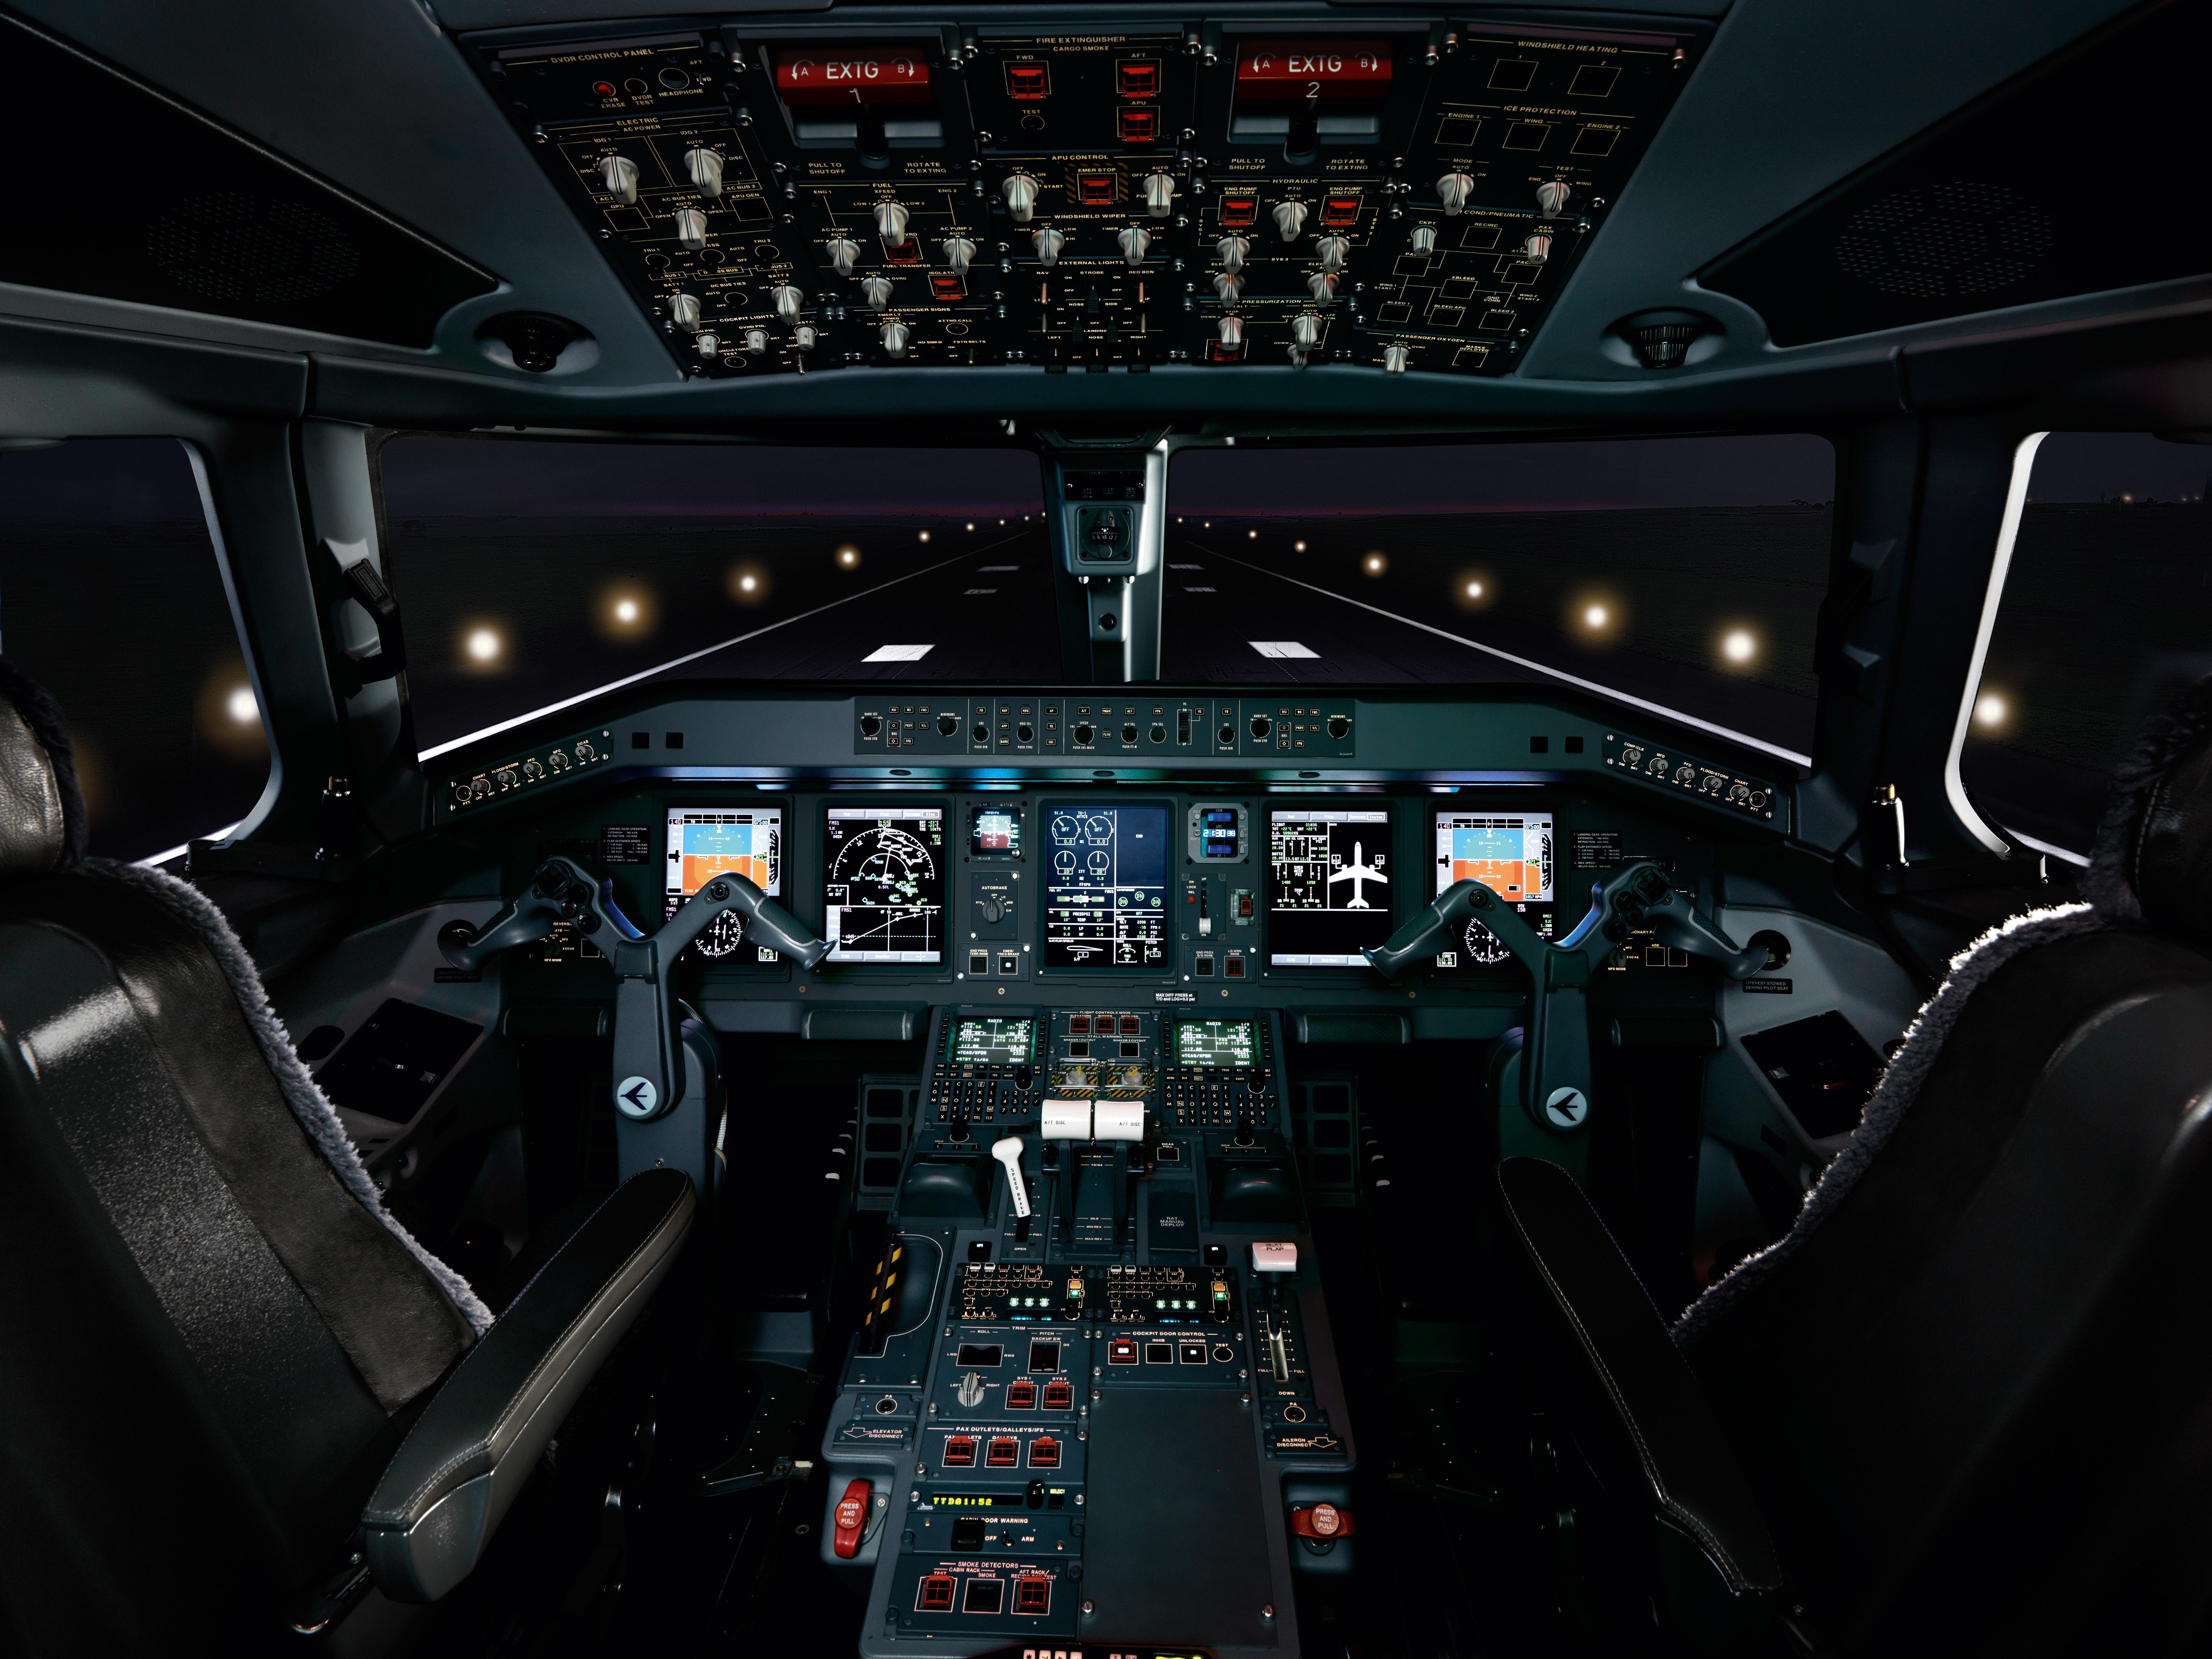 pesawat-peribadi-04